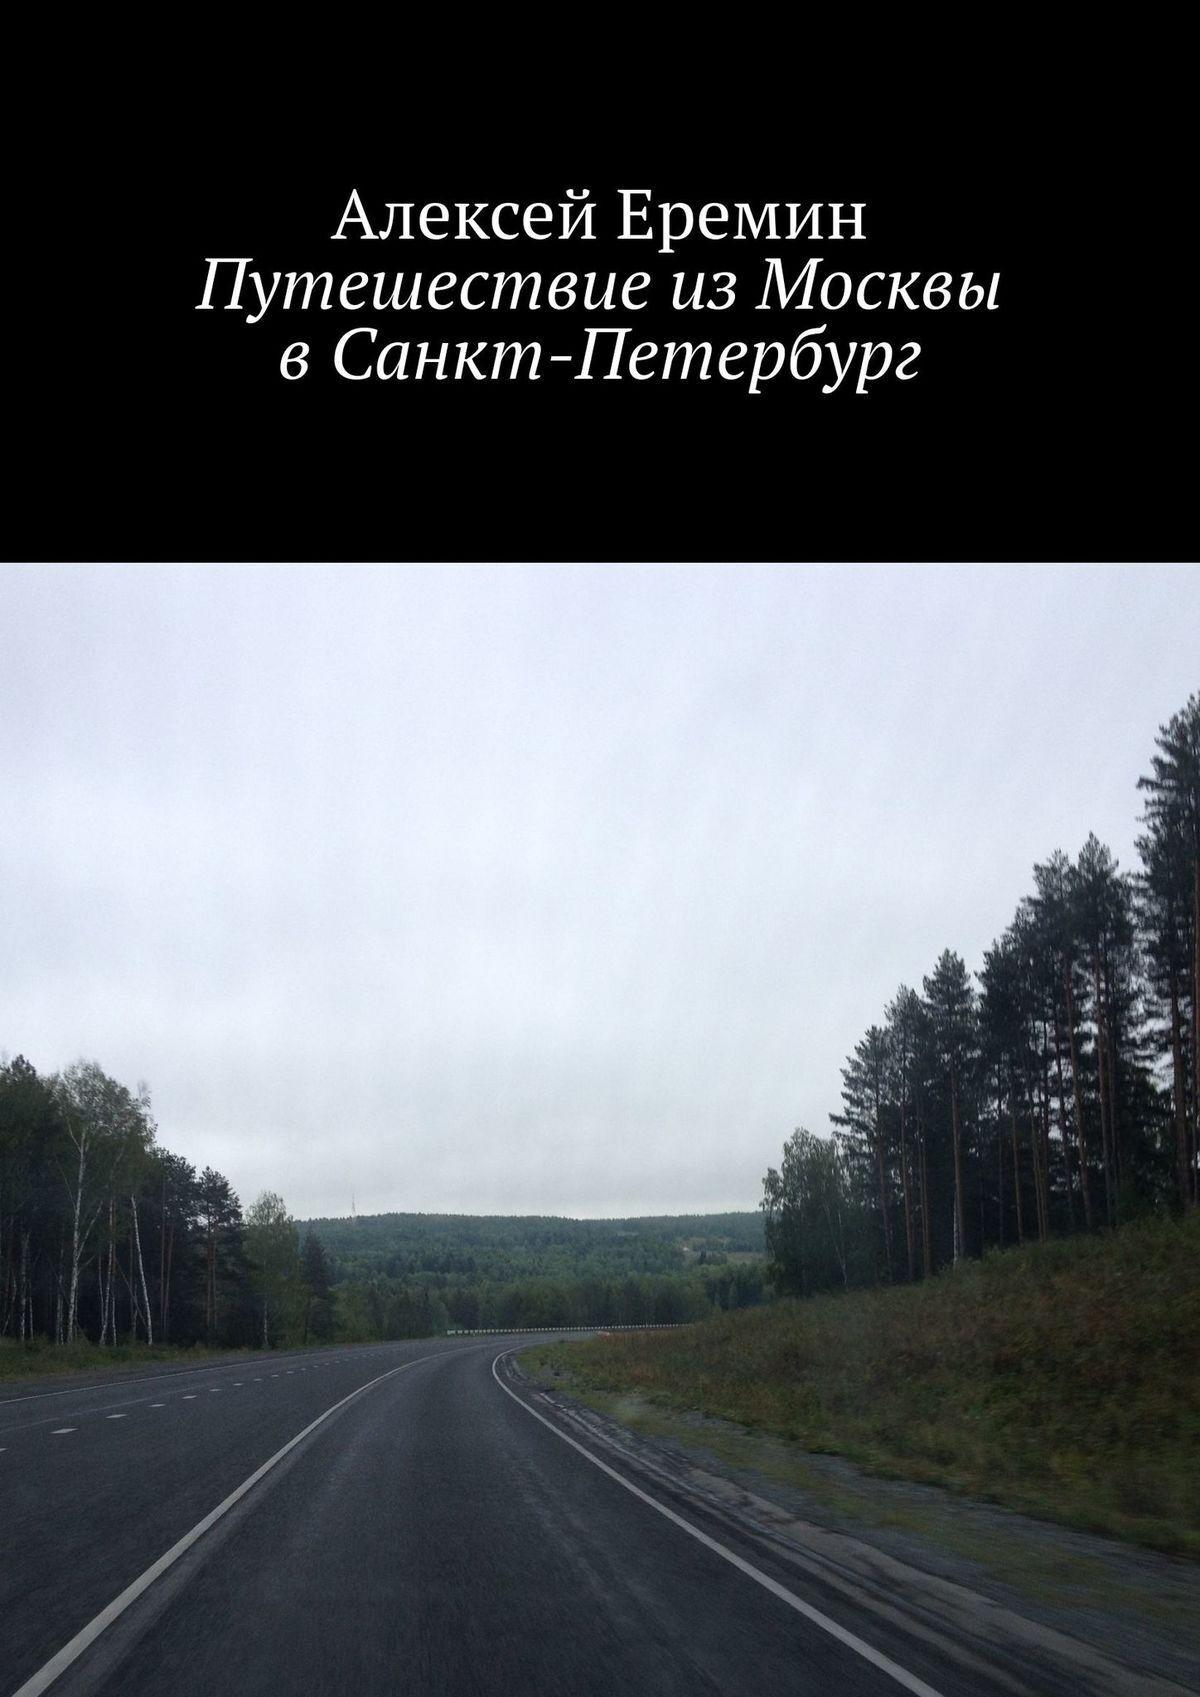 Алексей Еремин Путешествие из Москвы в Санкт-Петербург